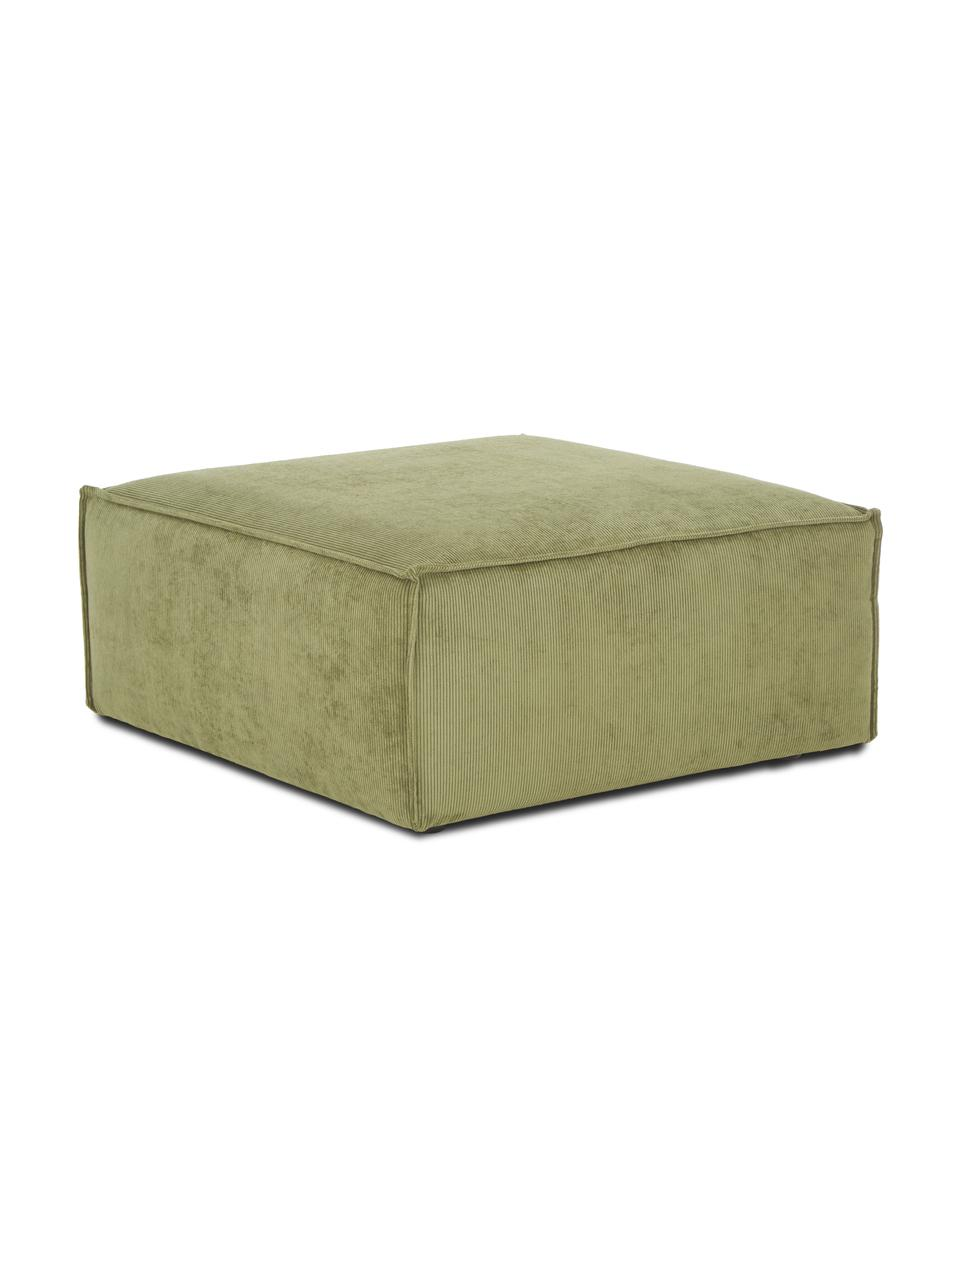 Pouf canapé velours côtelé vert Lennon, Velours côtelé vert